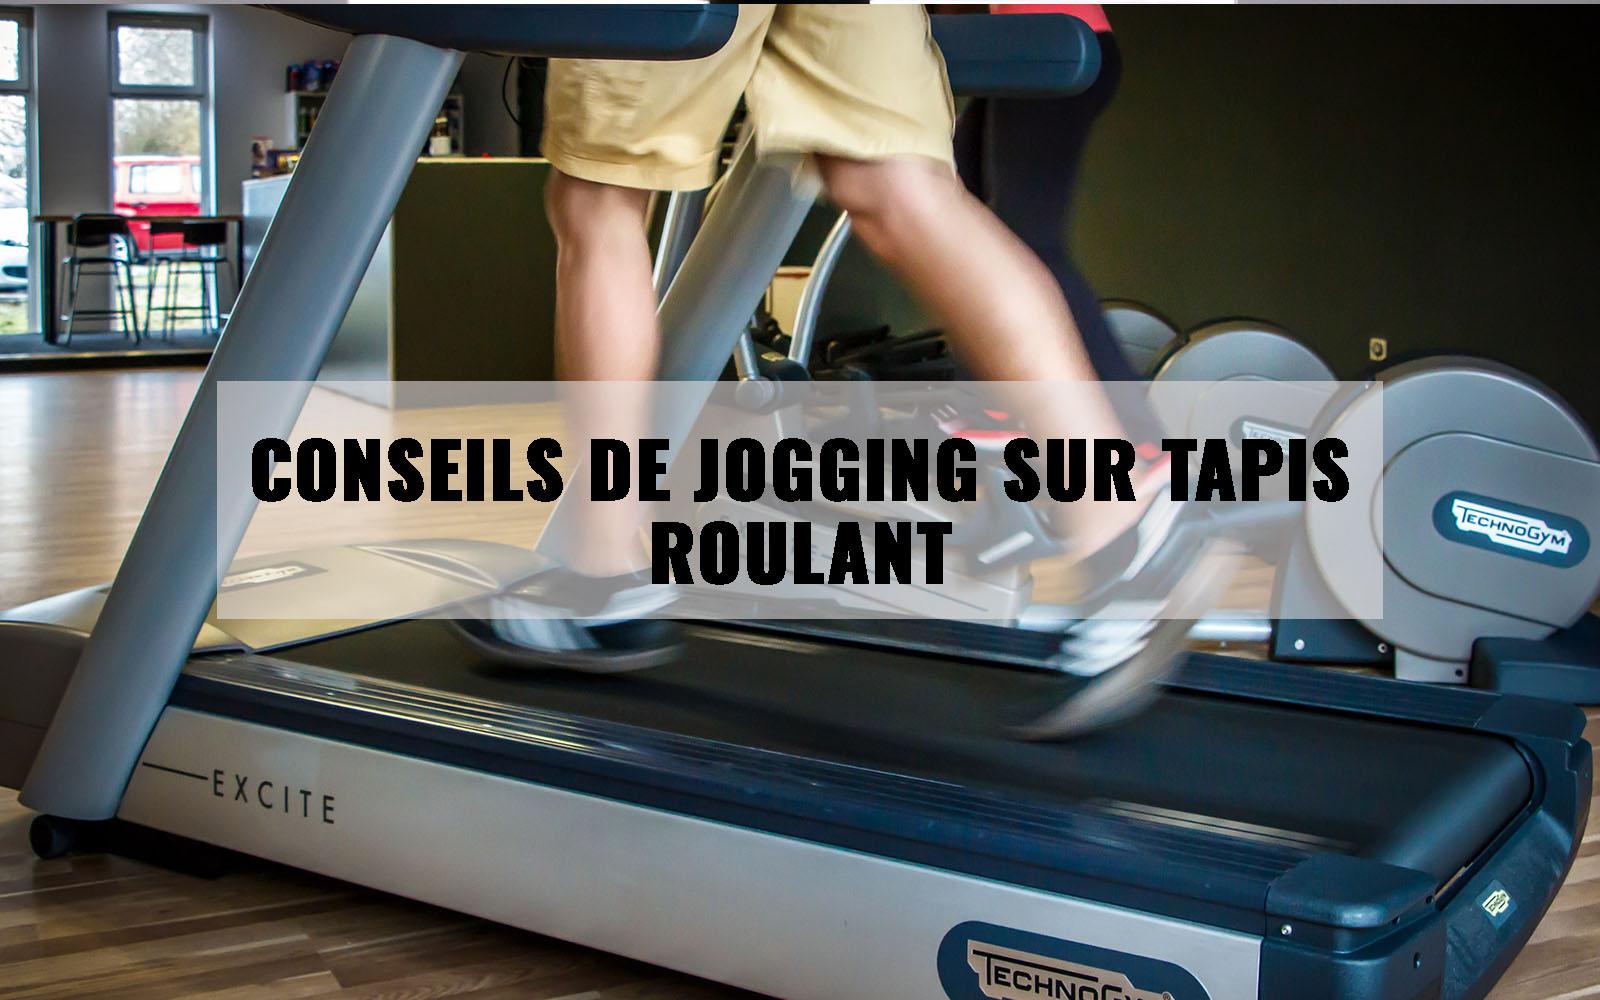 Conseils de jogging sur tapis roulant